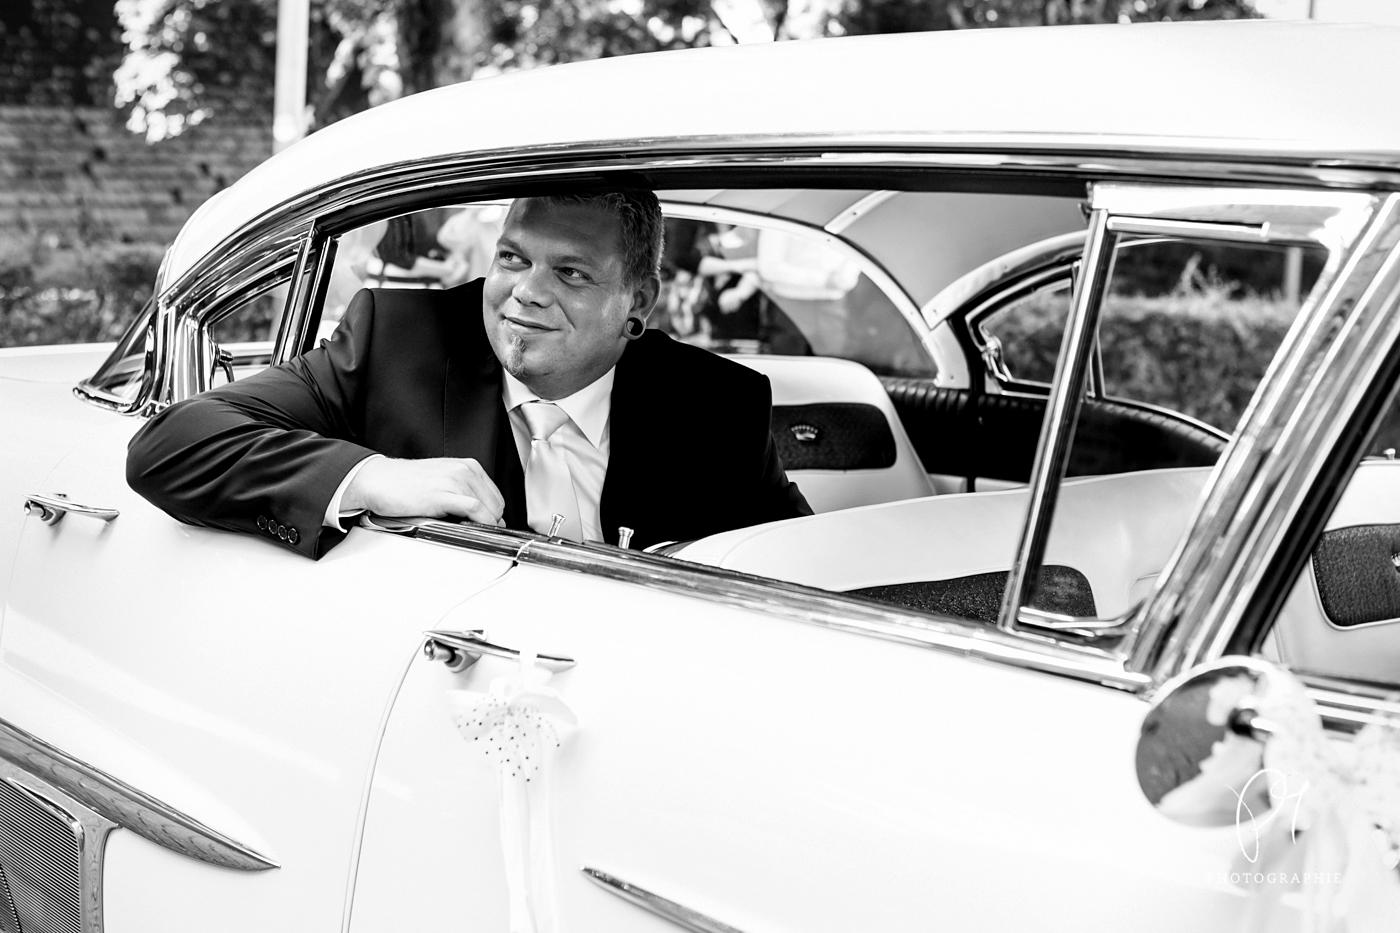 Ein Bräutigam schaut aus dem Hochzeitsauto heraus. Dieses schwarzweiss Foto stammt aus einer Hochzeitsreportage aus Haan. Aufgonommen wurde dieses Hochzeitsfoto mit der Canon 5D und mit Lightroom bearbeitet.